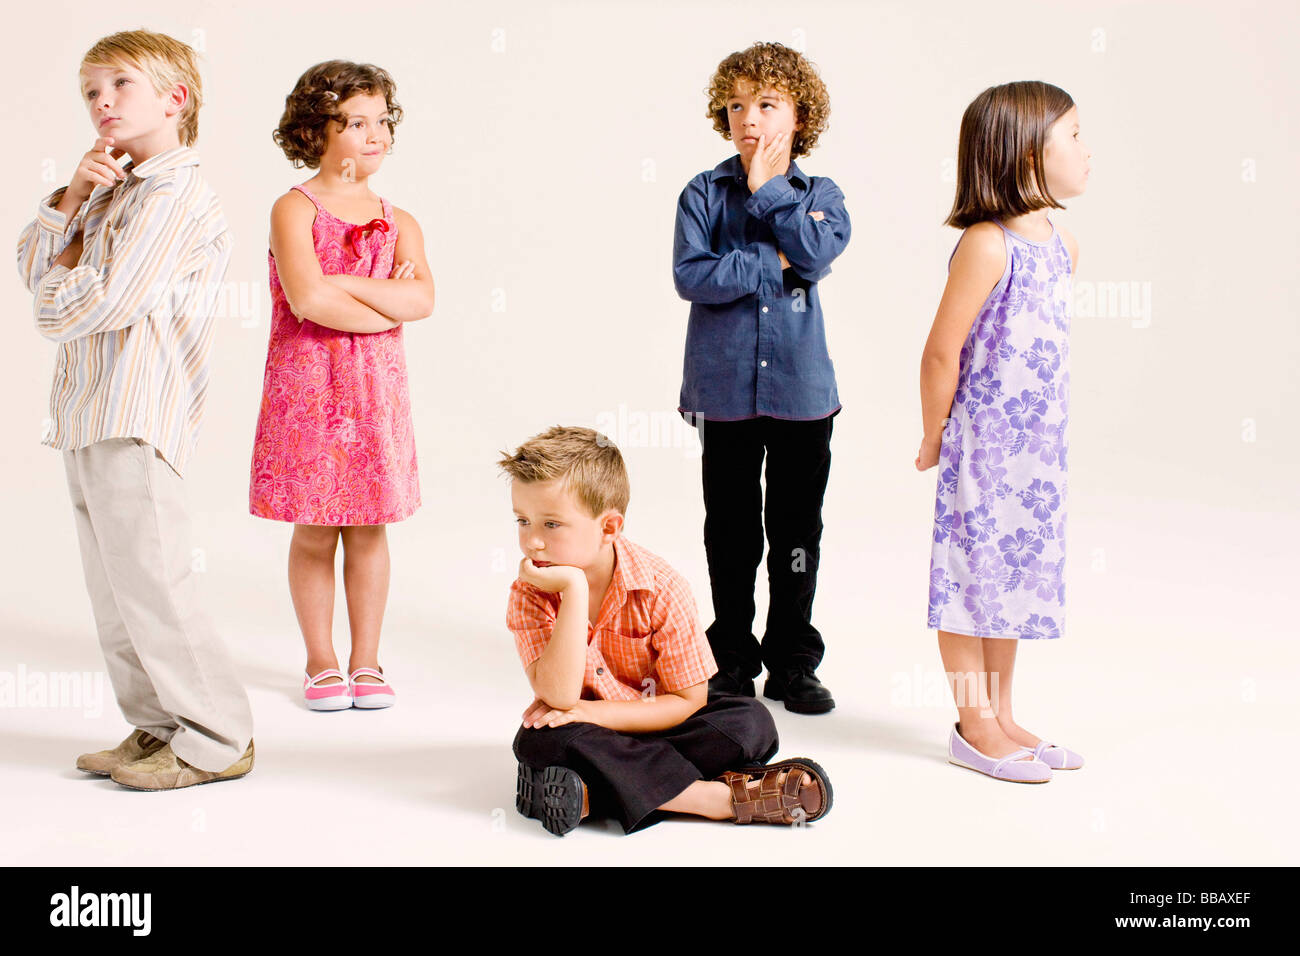 Kinder im Denken Posen Stockbild